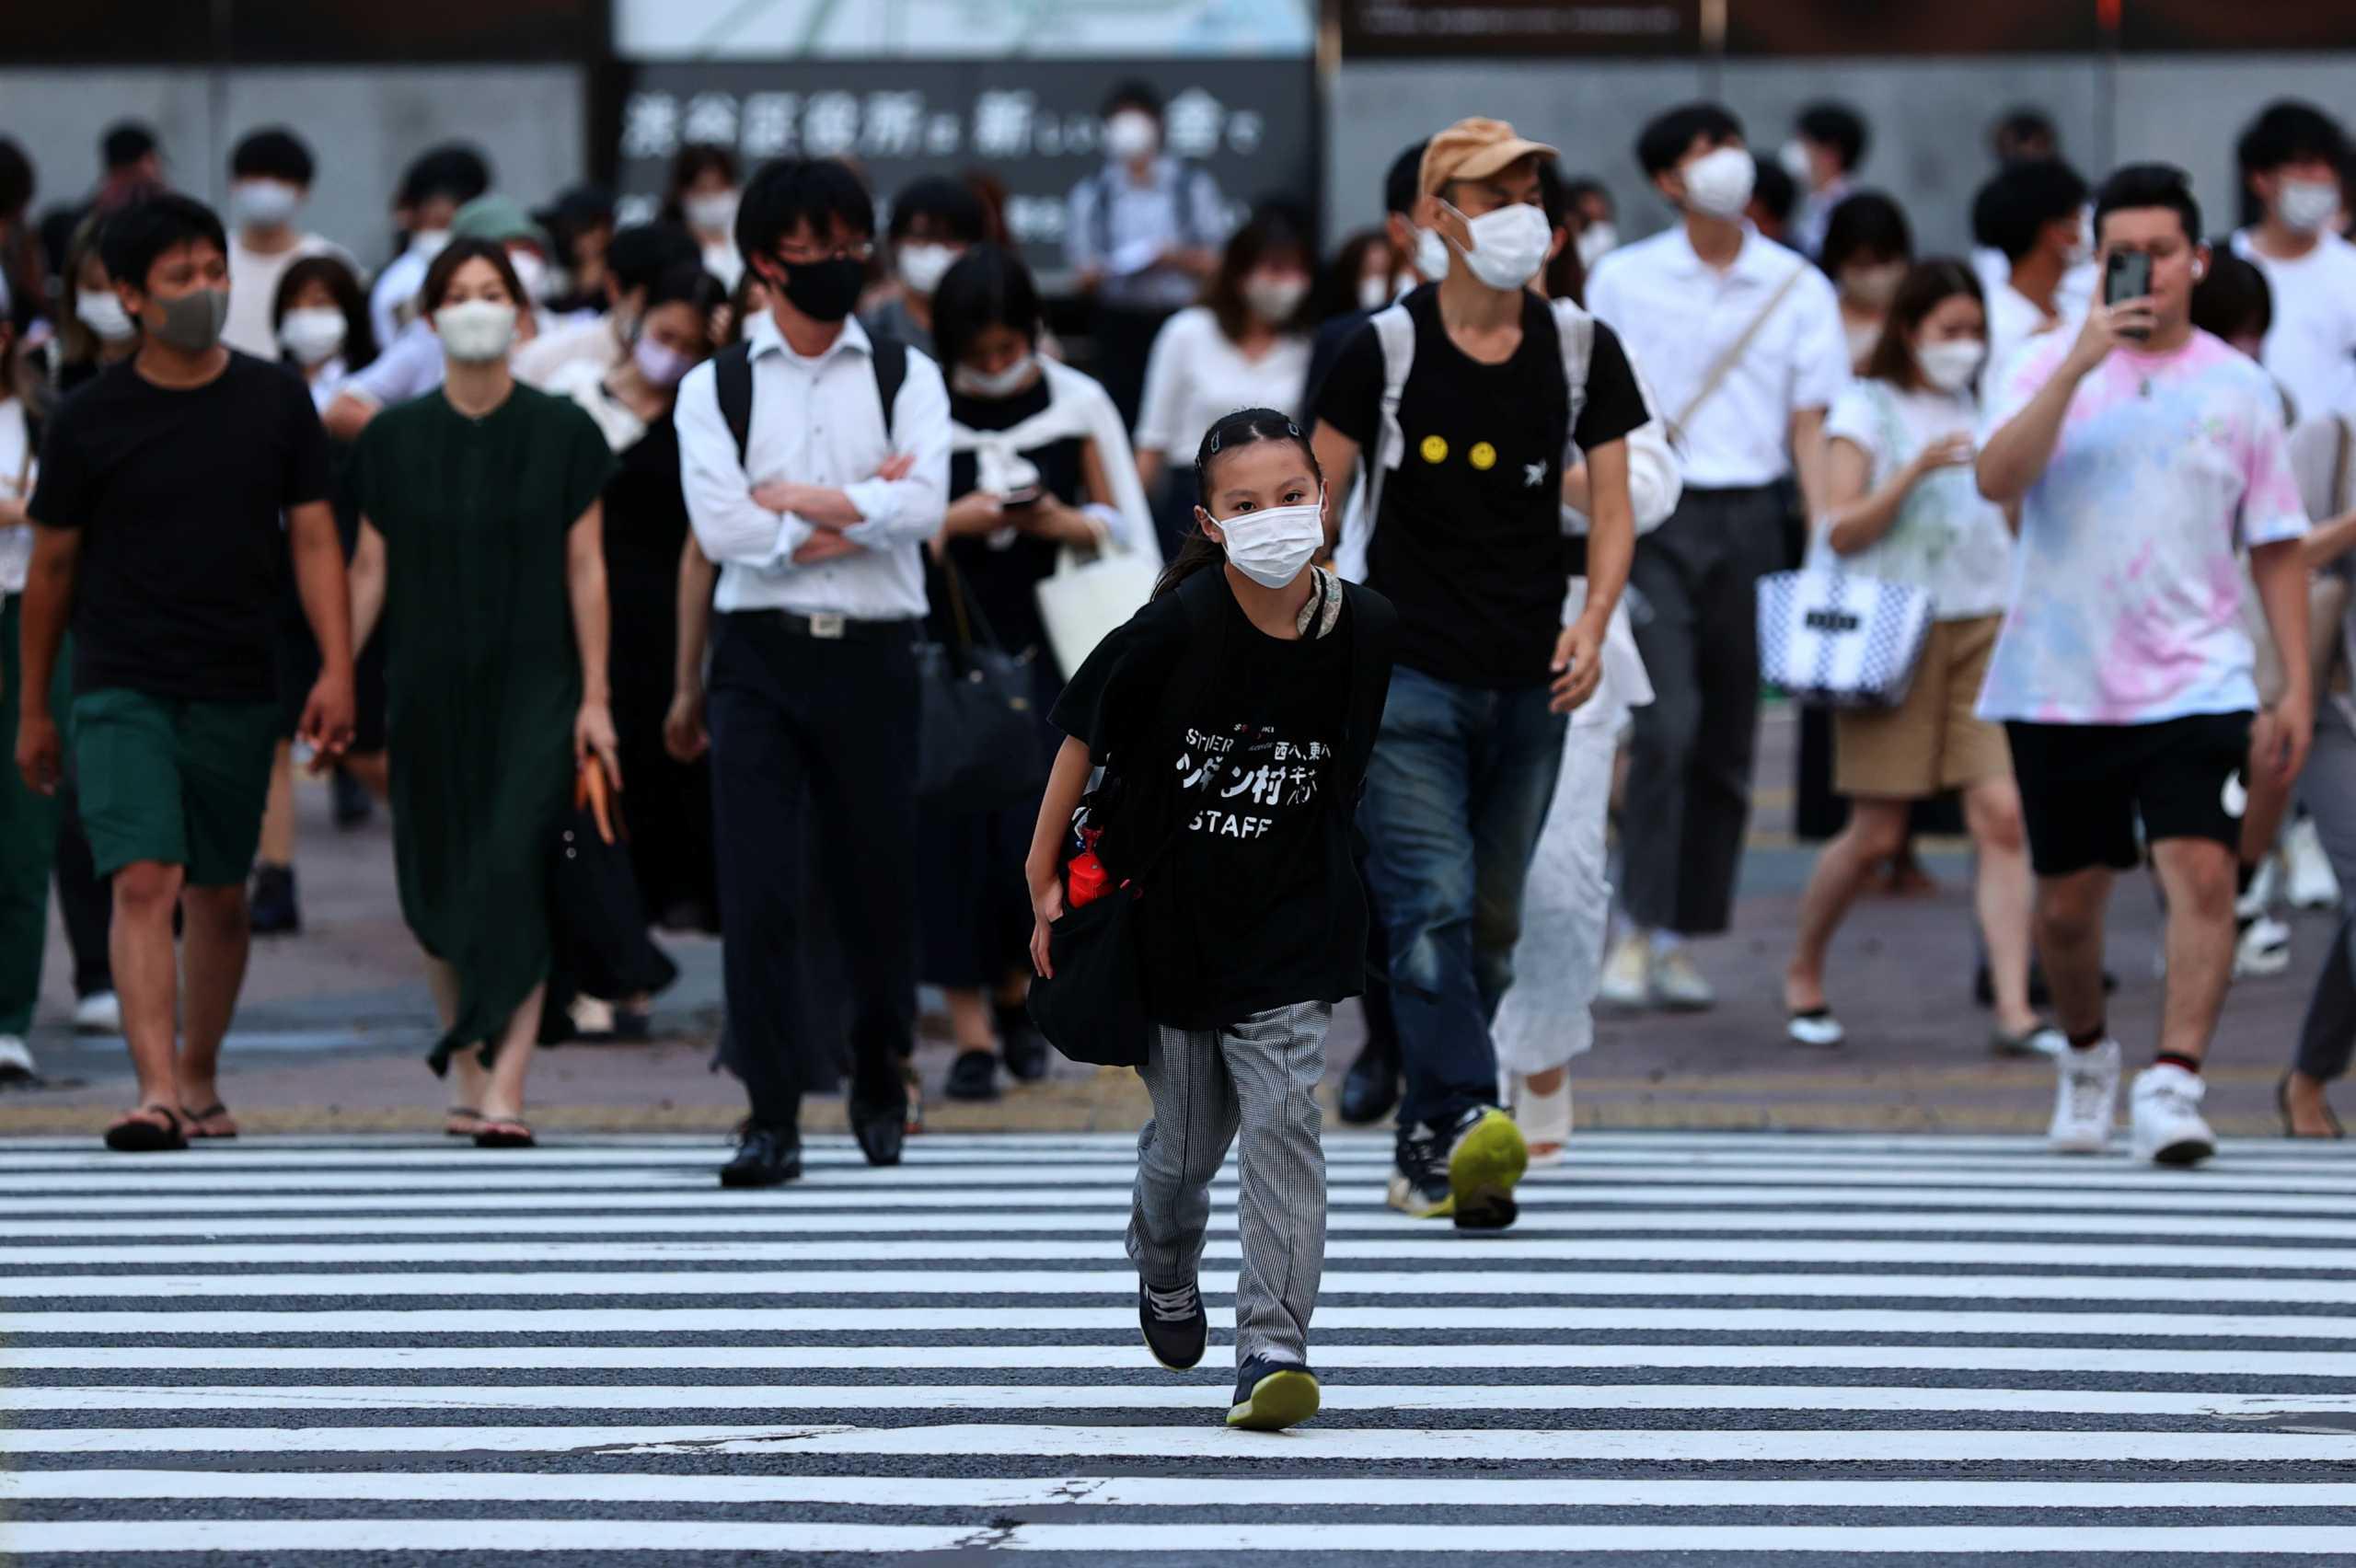 Ιαπωνία – Ολυμπιακοί Αγώνες: Δεν αποτελεί πρόβλημα το ρεκόρ κρουσμάτων κορονοϊού